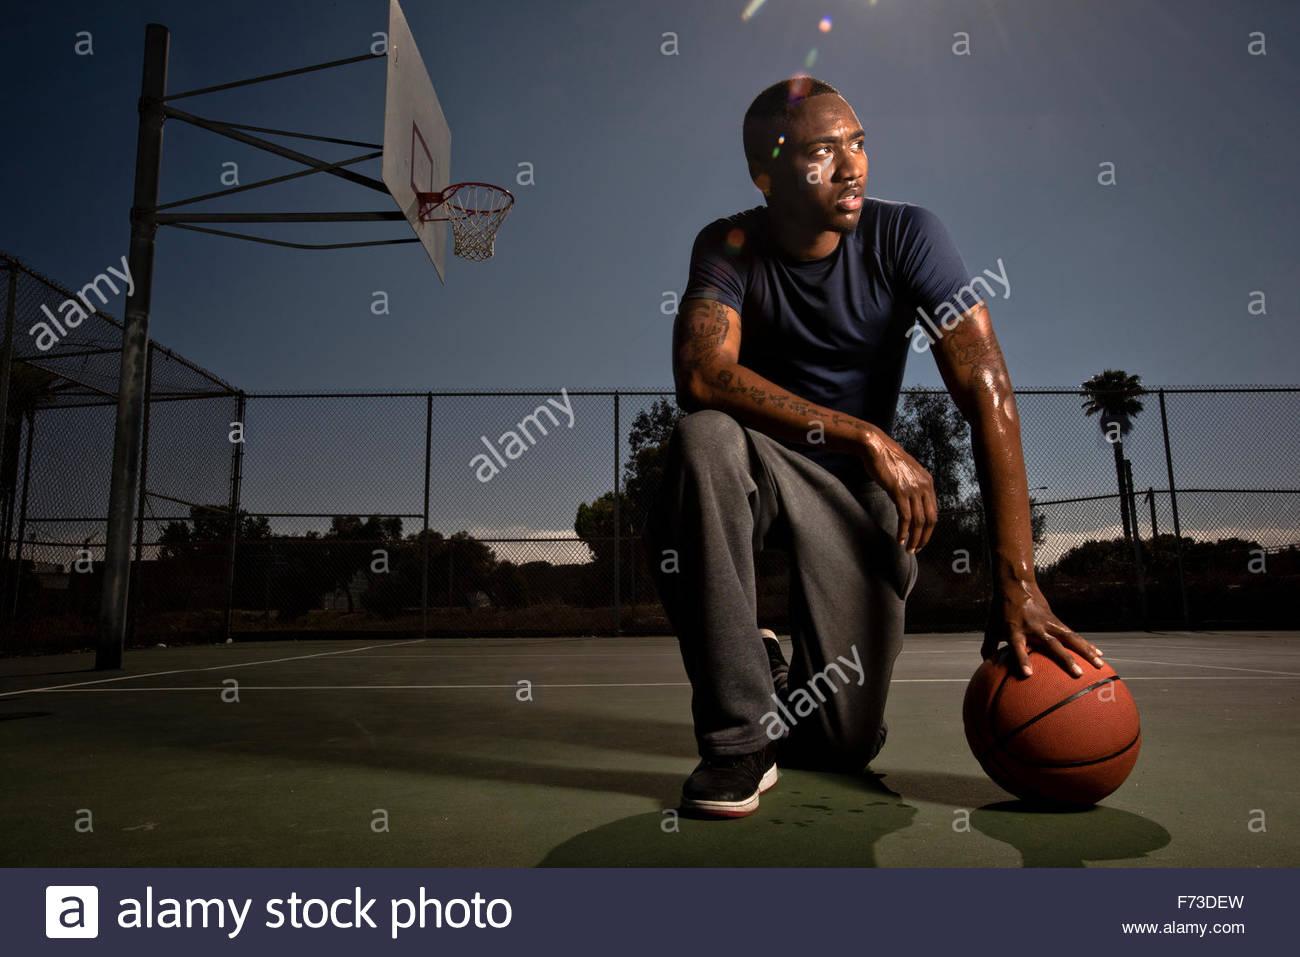 Un jugador de baloncesto jugador descansa en el tribunal después de un juego. Imagen De Stock